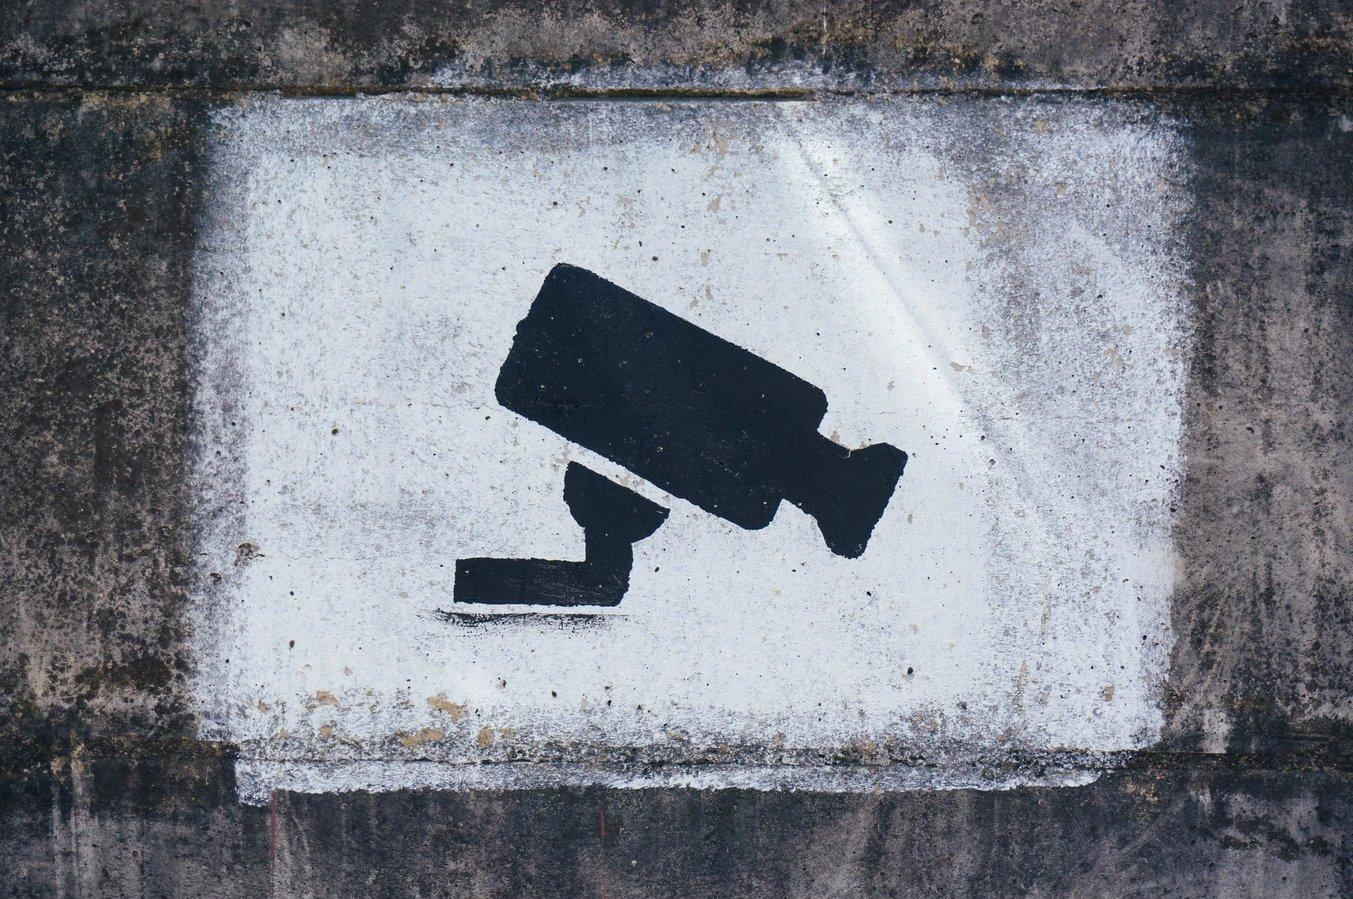 privacidade com câmara na parede